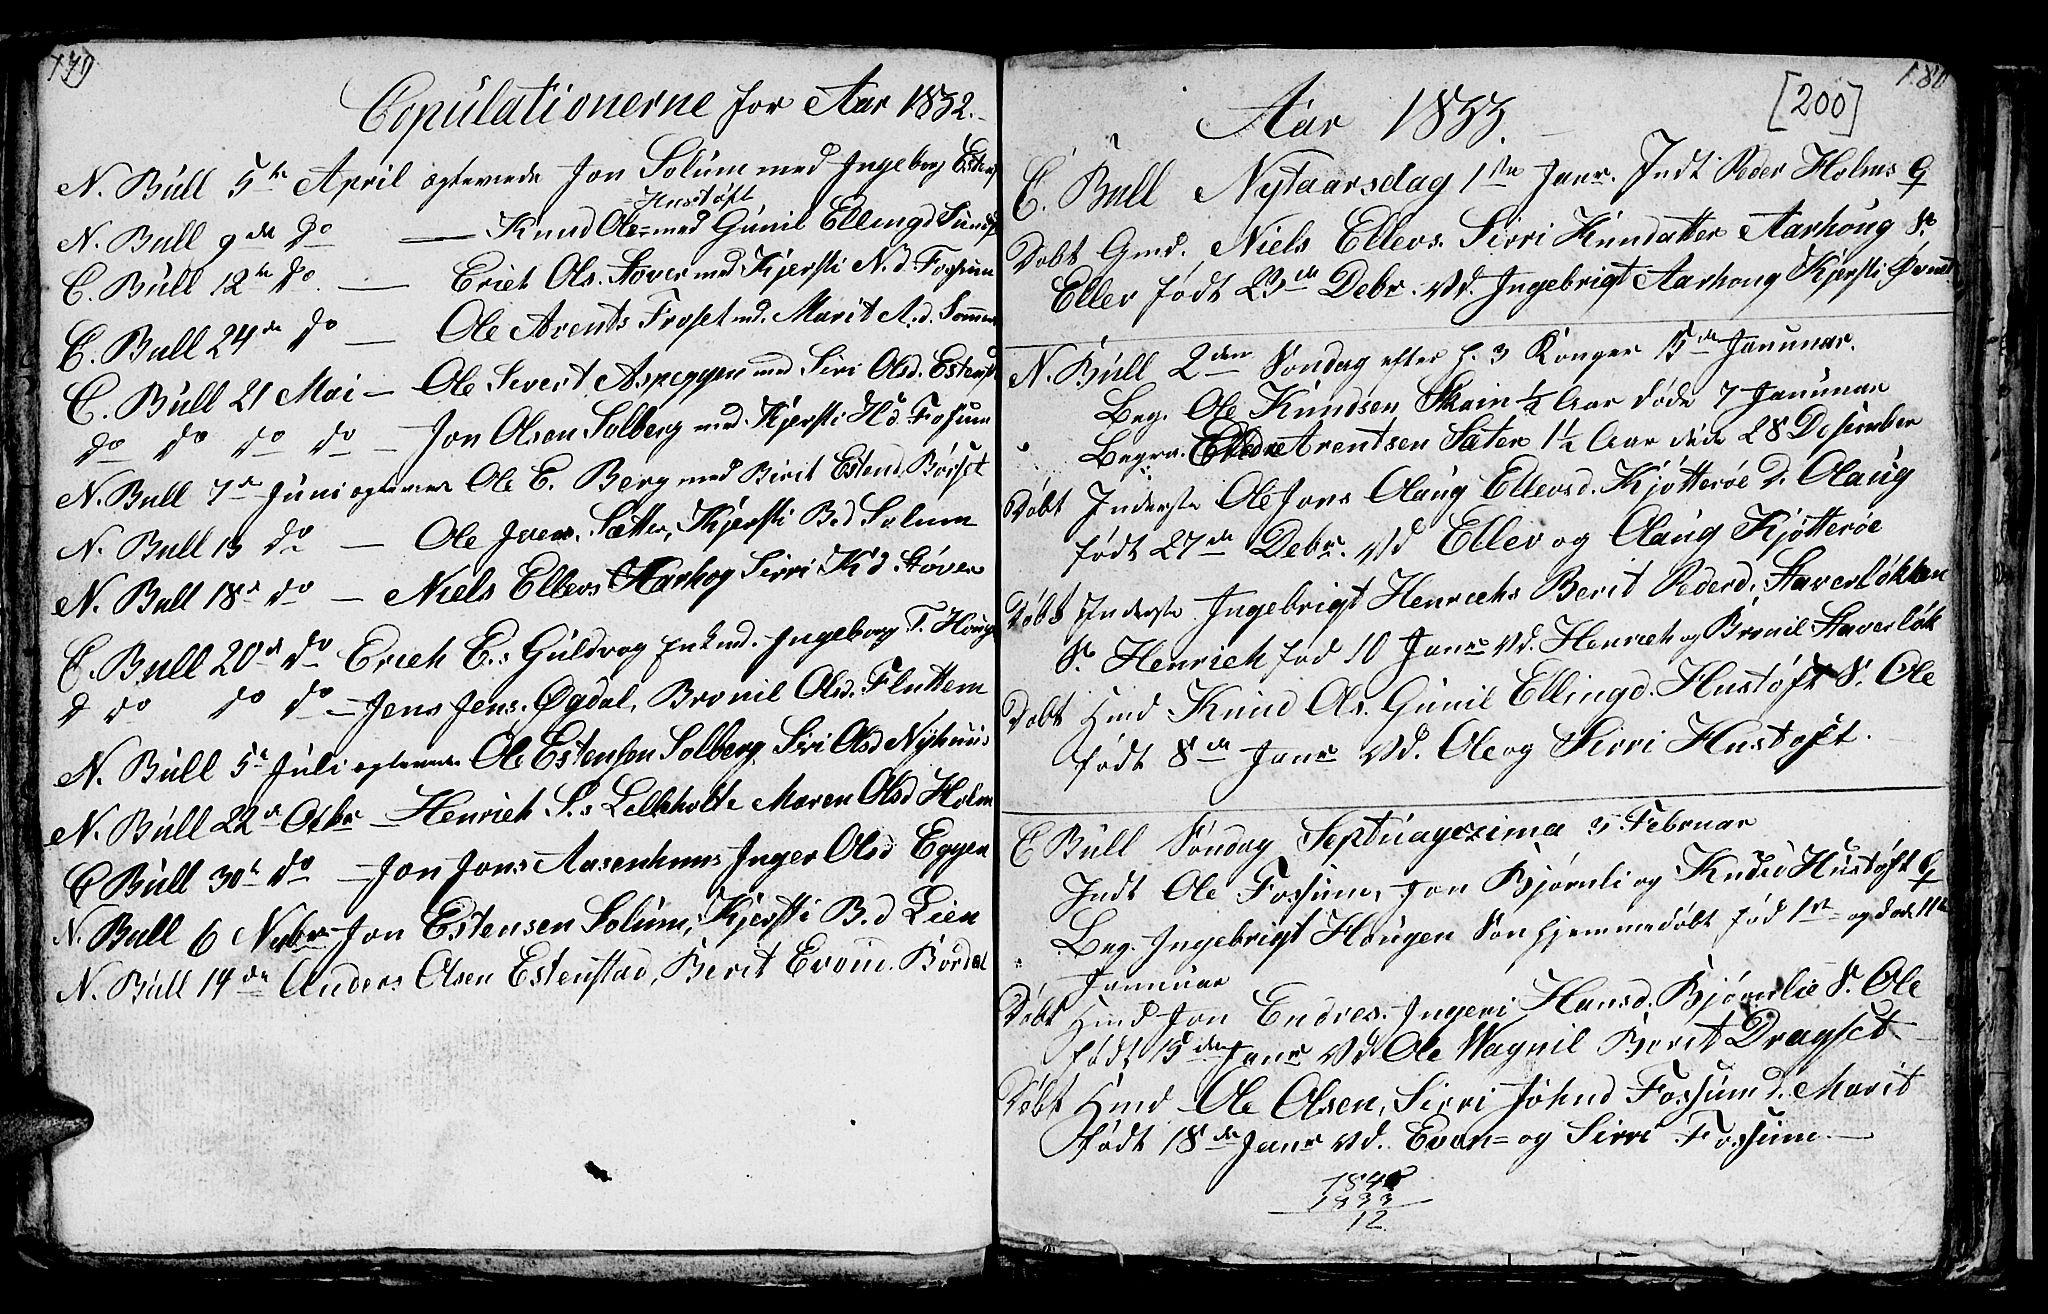 SAT, Ministerialprotokoller, klokkerbøker og fødselsregistre - Sør-Trøndelag, 689/L1042: Klokkerbok nr. 689C01, 1812-1841, s. 199-200